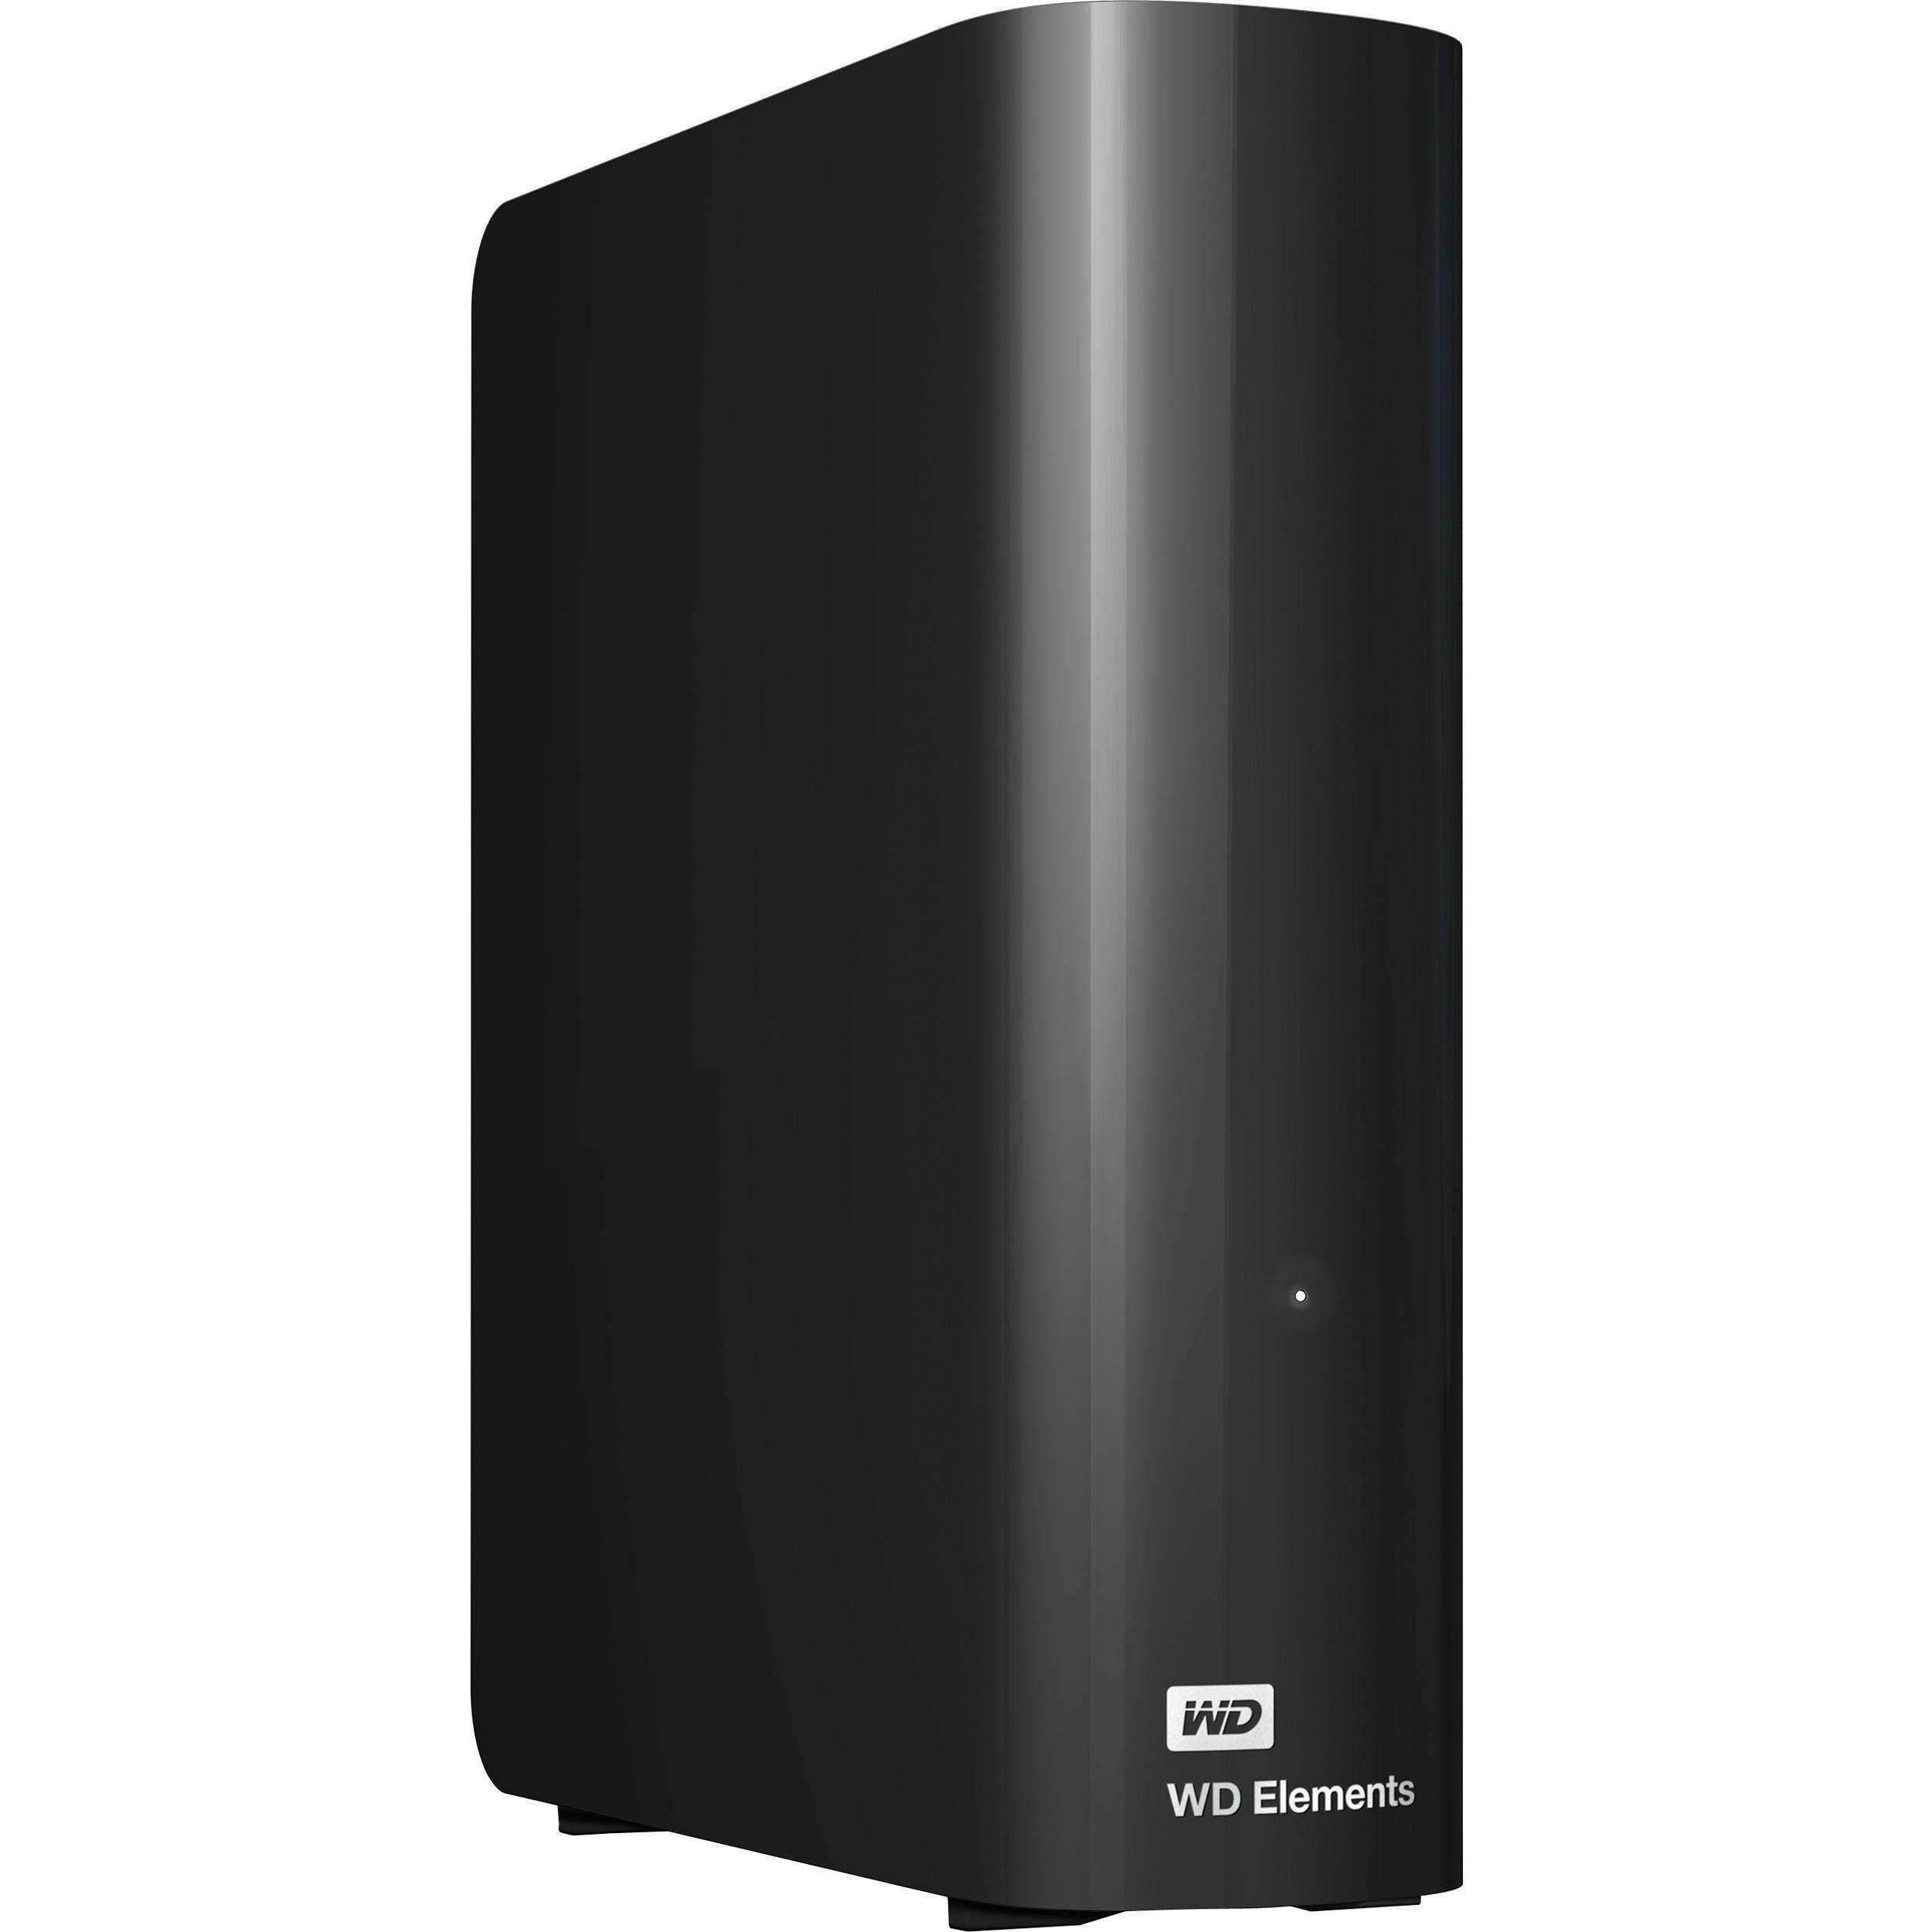 Wd 3tb Elements External Desktop Hard Disk Wdbwlg0030hbk Nesn